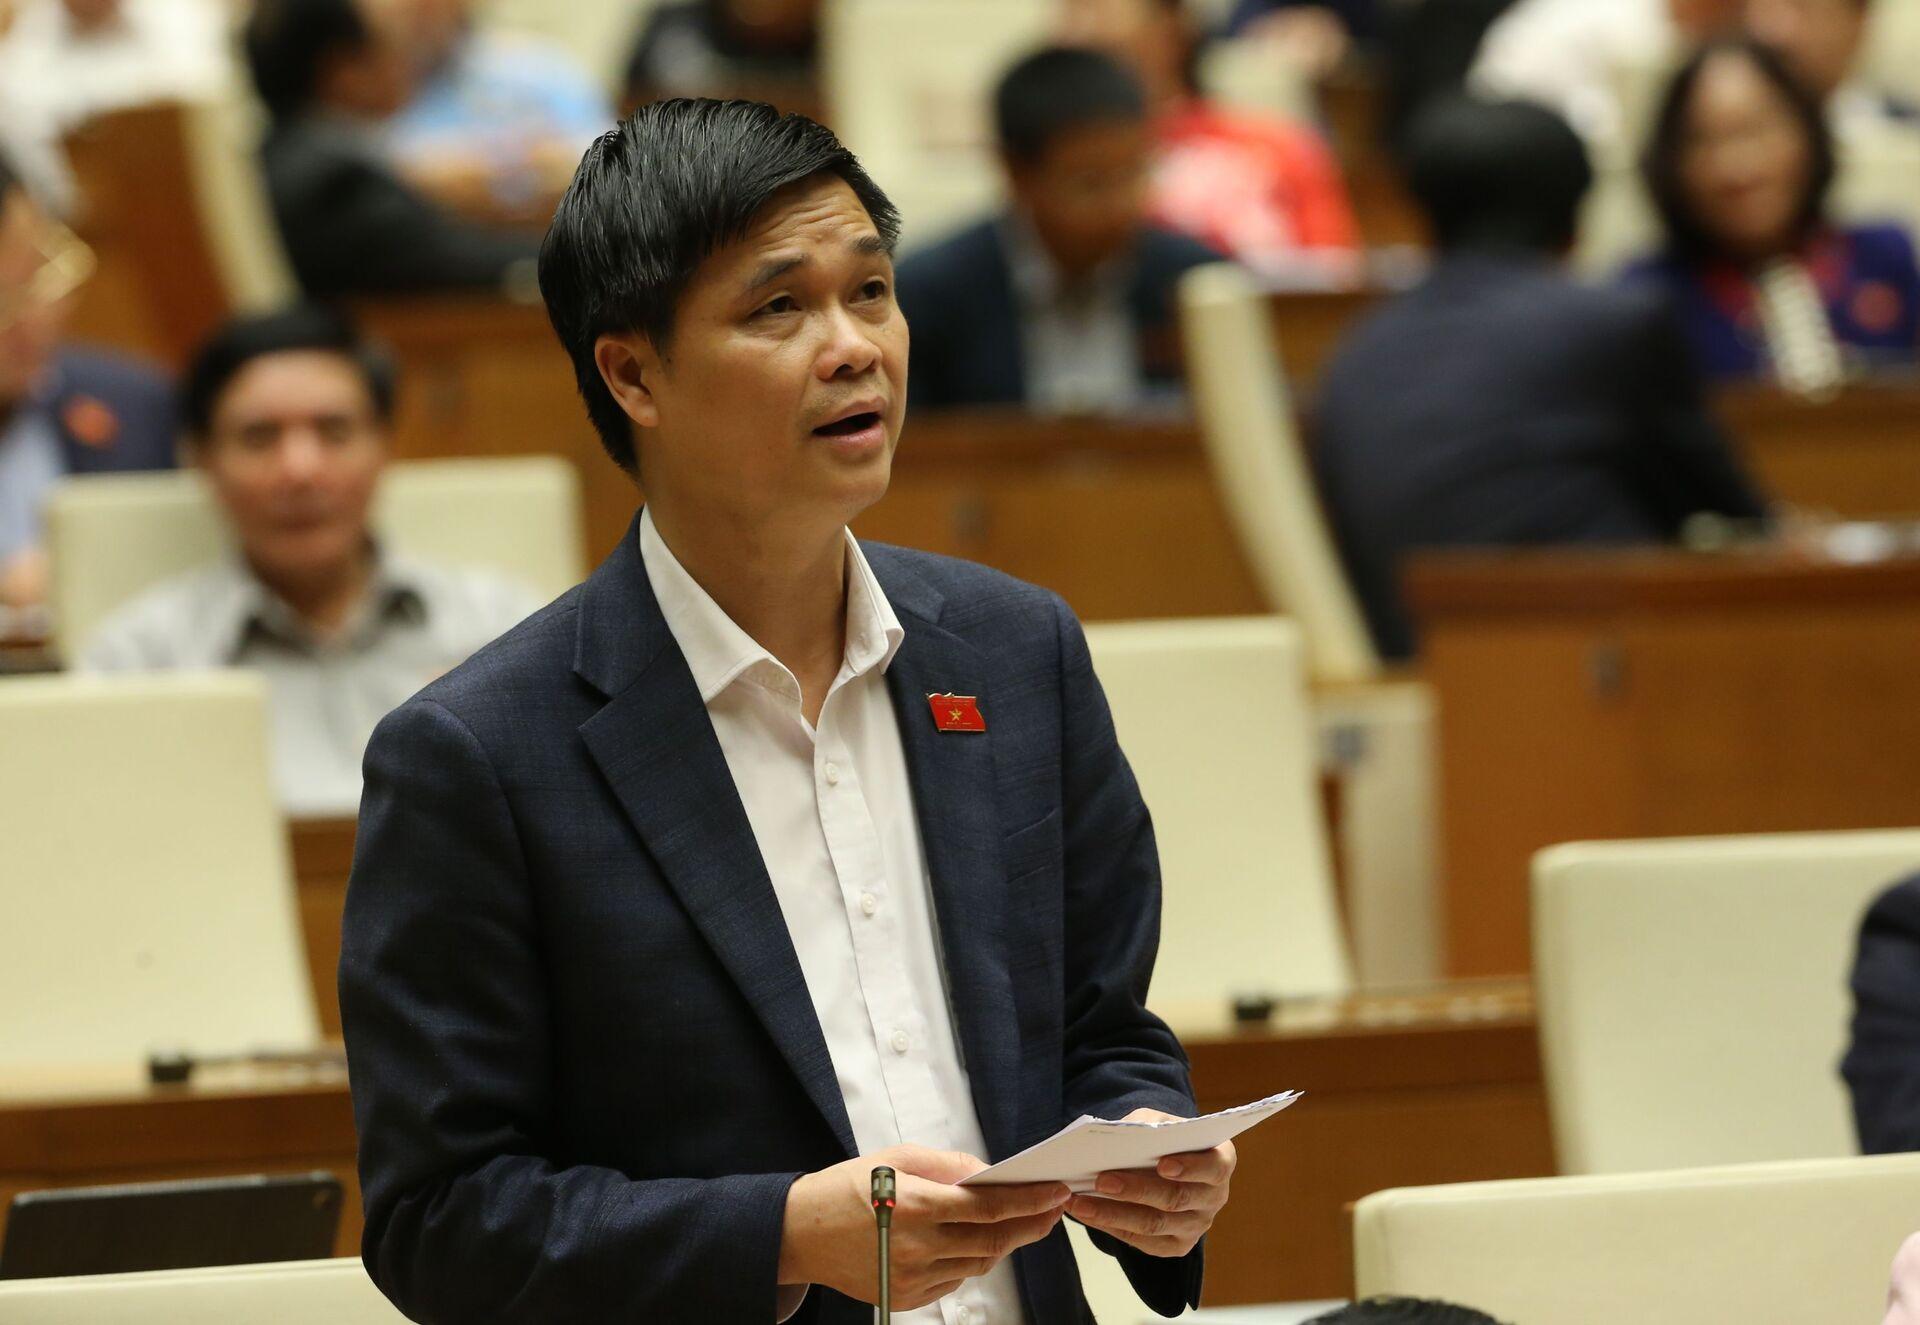 """Đại biểu Hà Nội: """"Ngành tư pháp đã xử lý nhiều vụ án lớn, phức tạp, được nhân dân đồng tình"""" - Sputnik Việt Nam, 1920, 30.03.2021"""